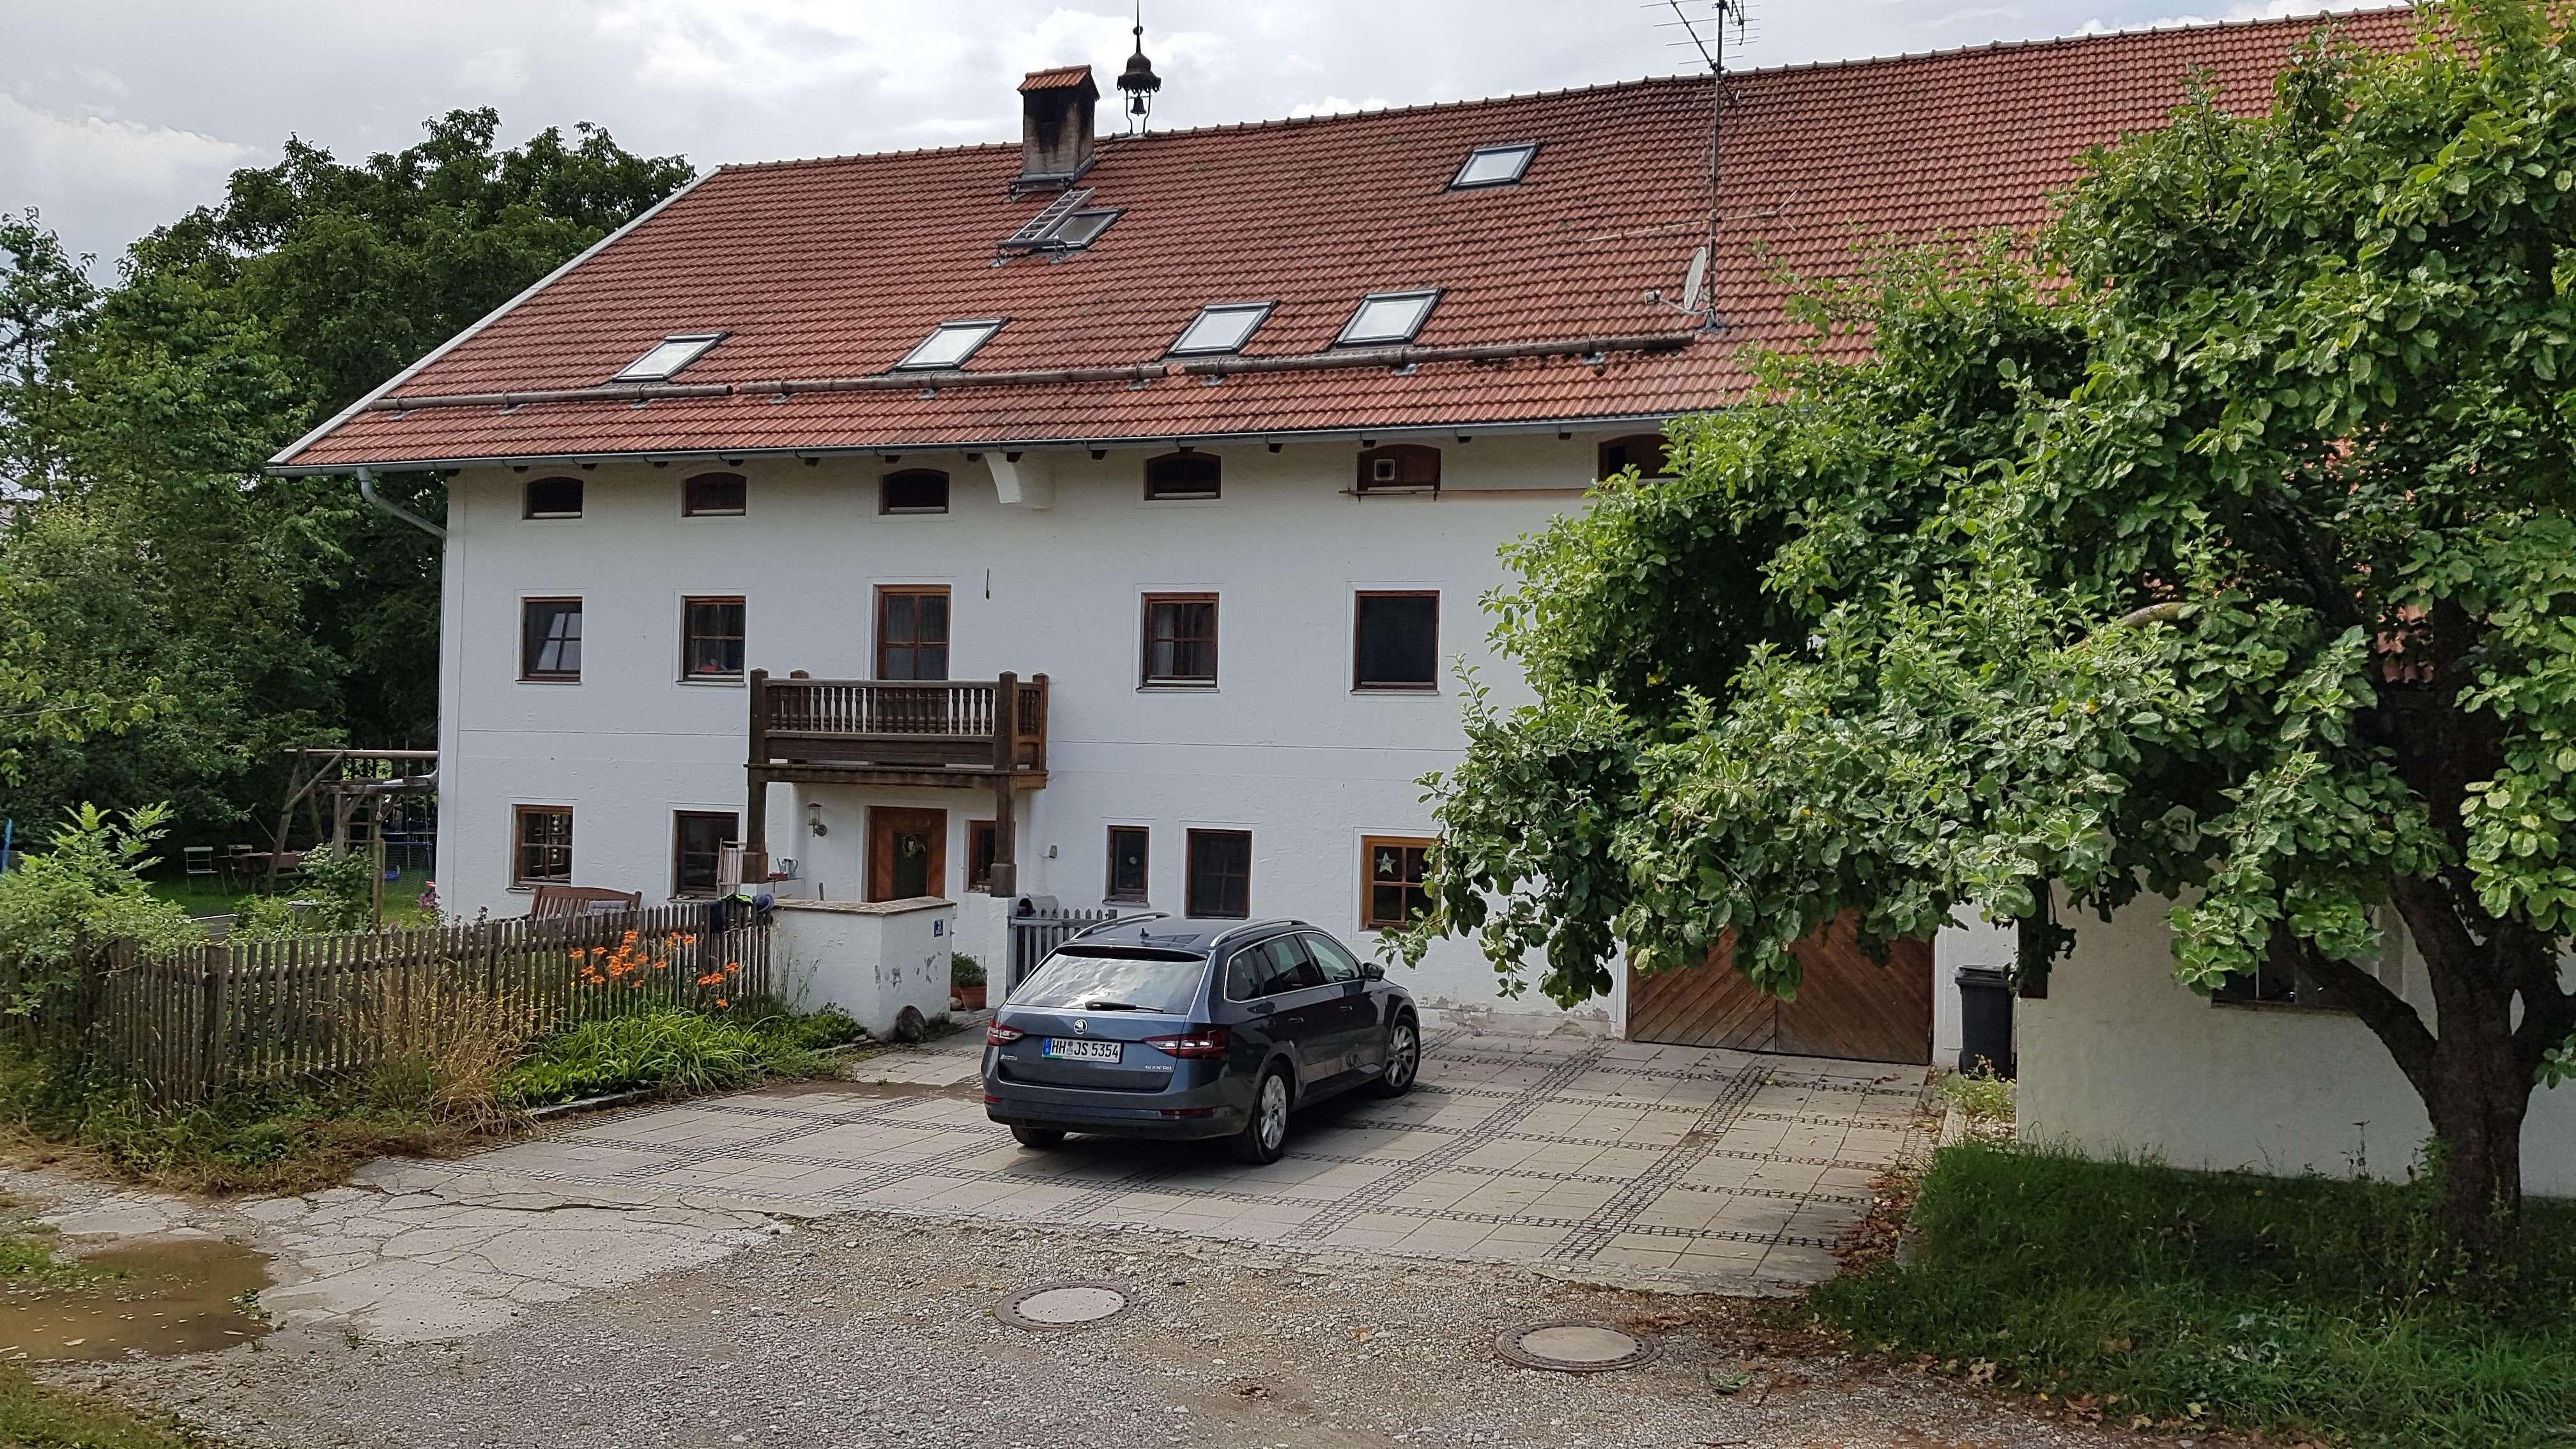 Wohnung (EG und 1.OG) in einem sanierten 2 Familien Bauernhaus mit großem Garten